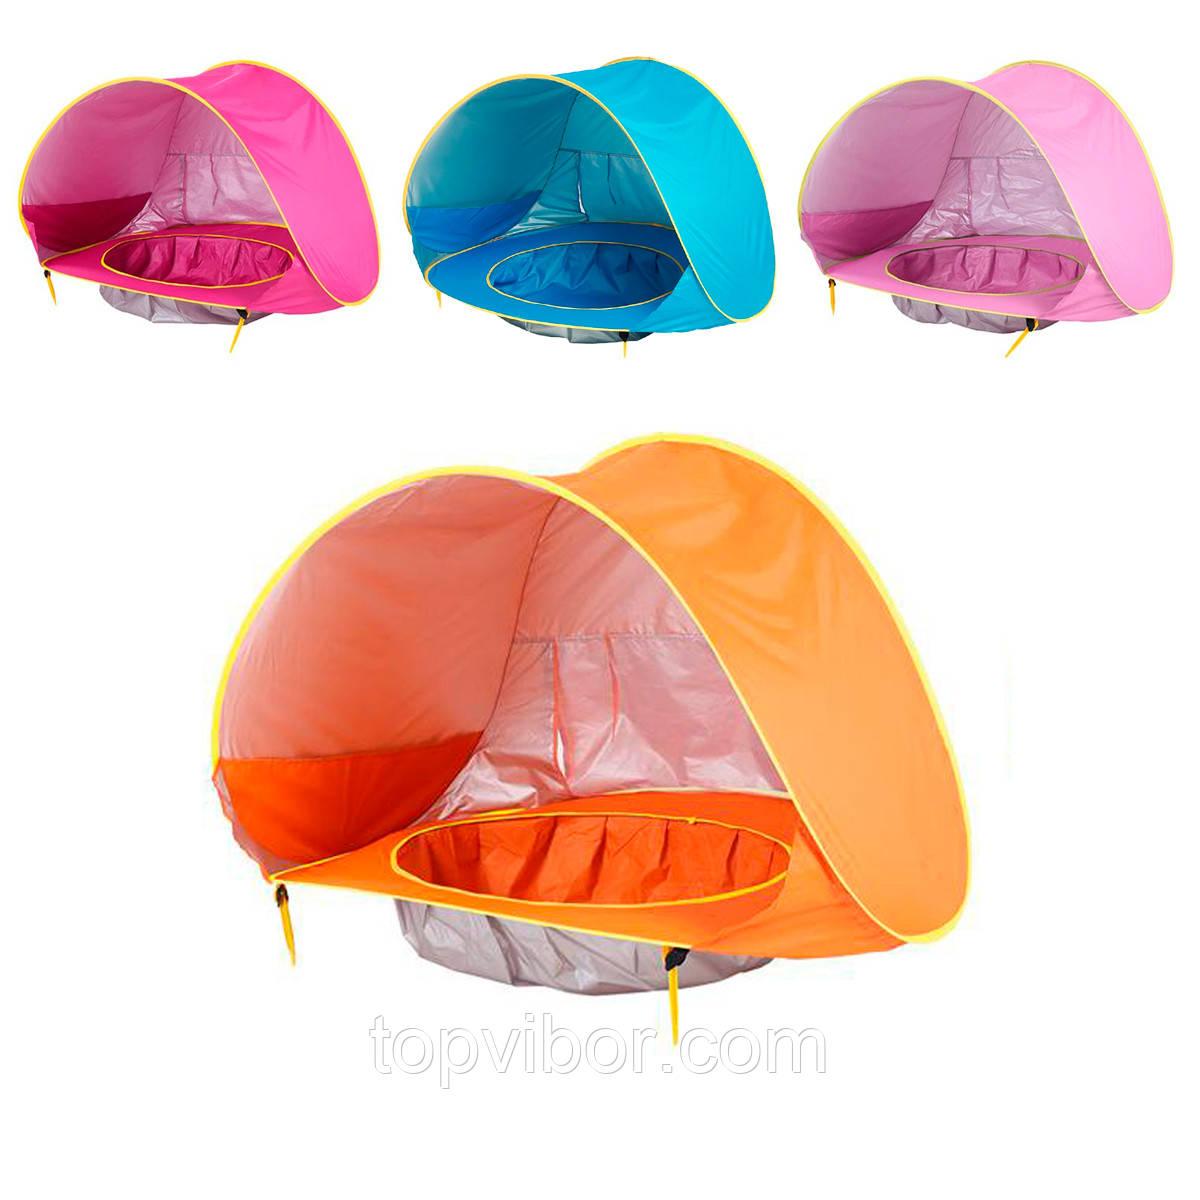 Детская палатка для пляжа 117х79см, Оранжевая игровая палатка для малышей и бассейн детский (VT)